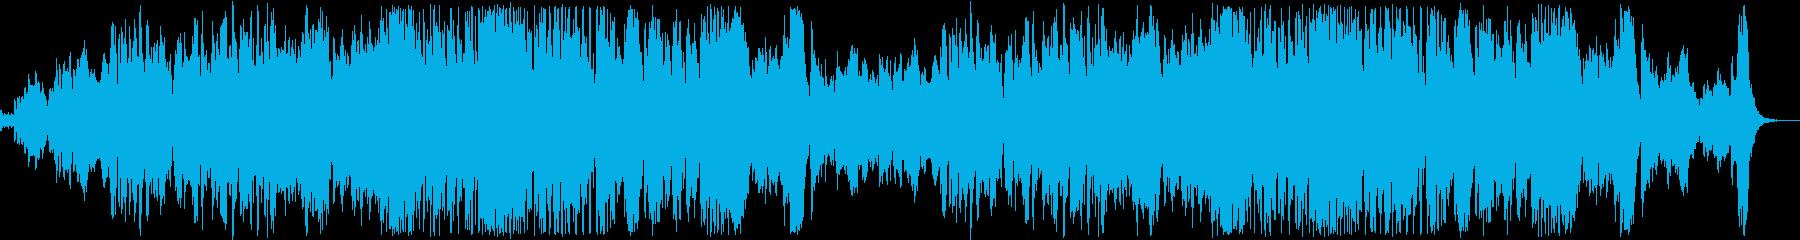 ゴースト演奏会の様なイメージ/ハロウィンの再生済みの波形